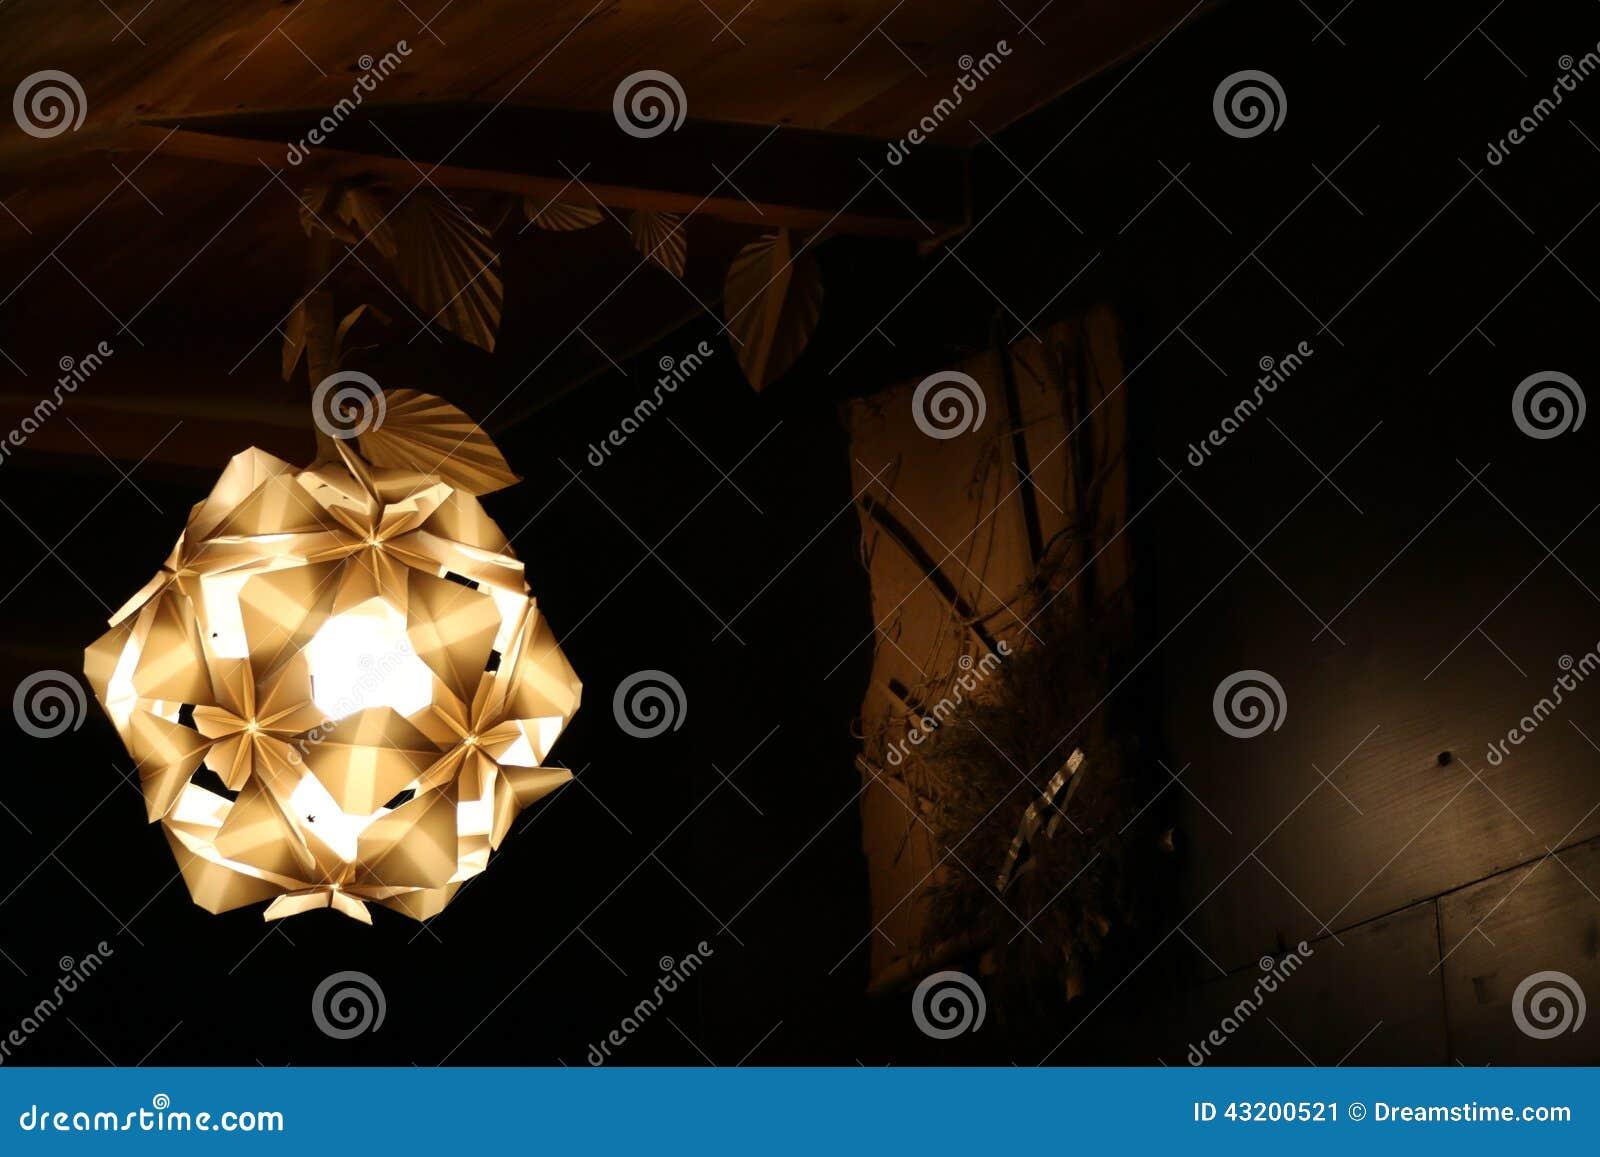 Download Origamiljus fotografering för bildbyråer. Bild av handgjort - 43200521